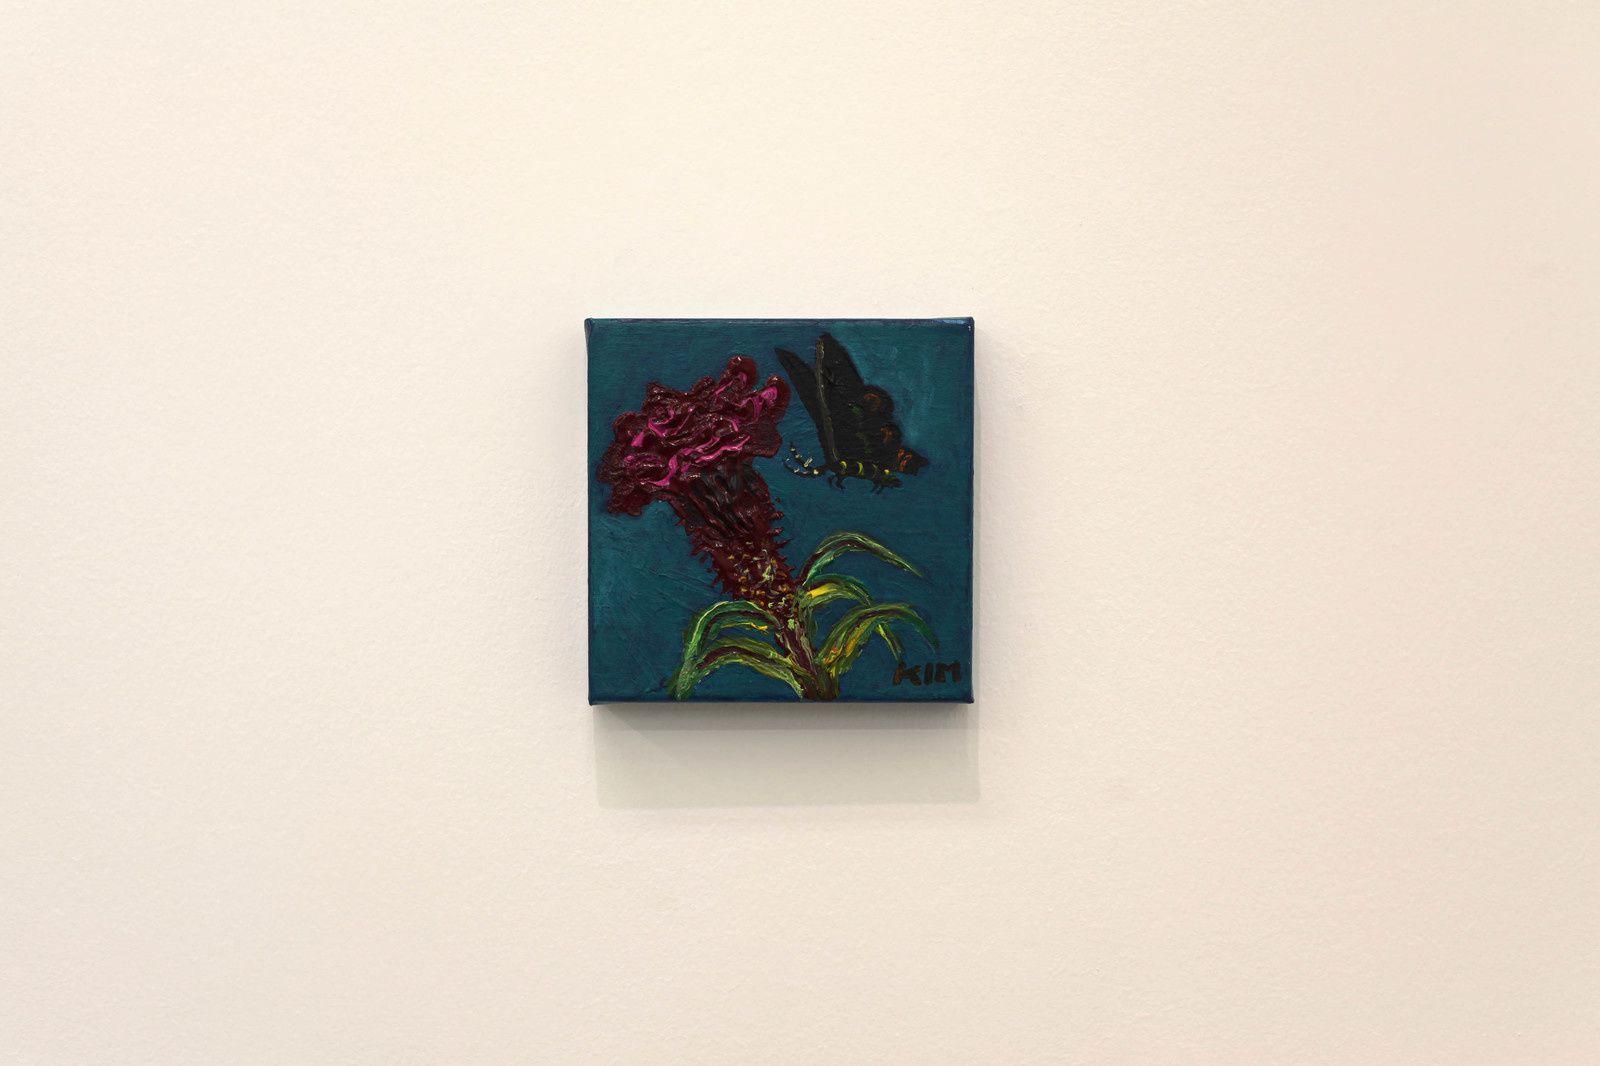 """""""Untitled"""", 2018 de Kim CHONG HAK - Courtesy de l'artiste et la Galerie Perrotin © Photo Éric Simon"""